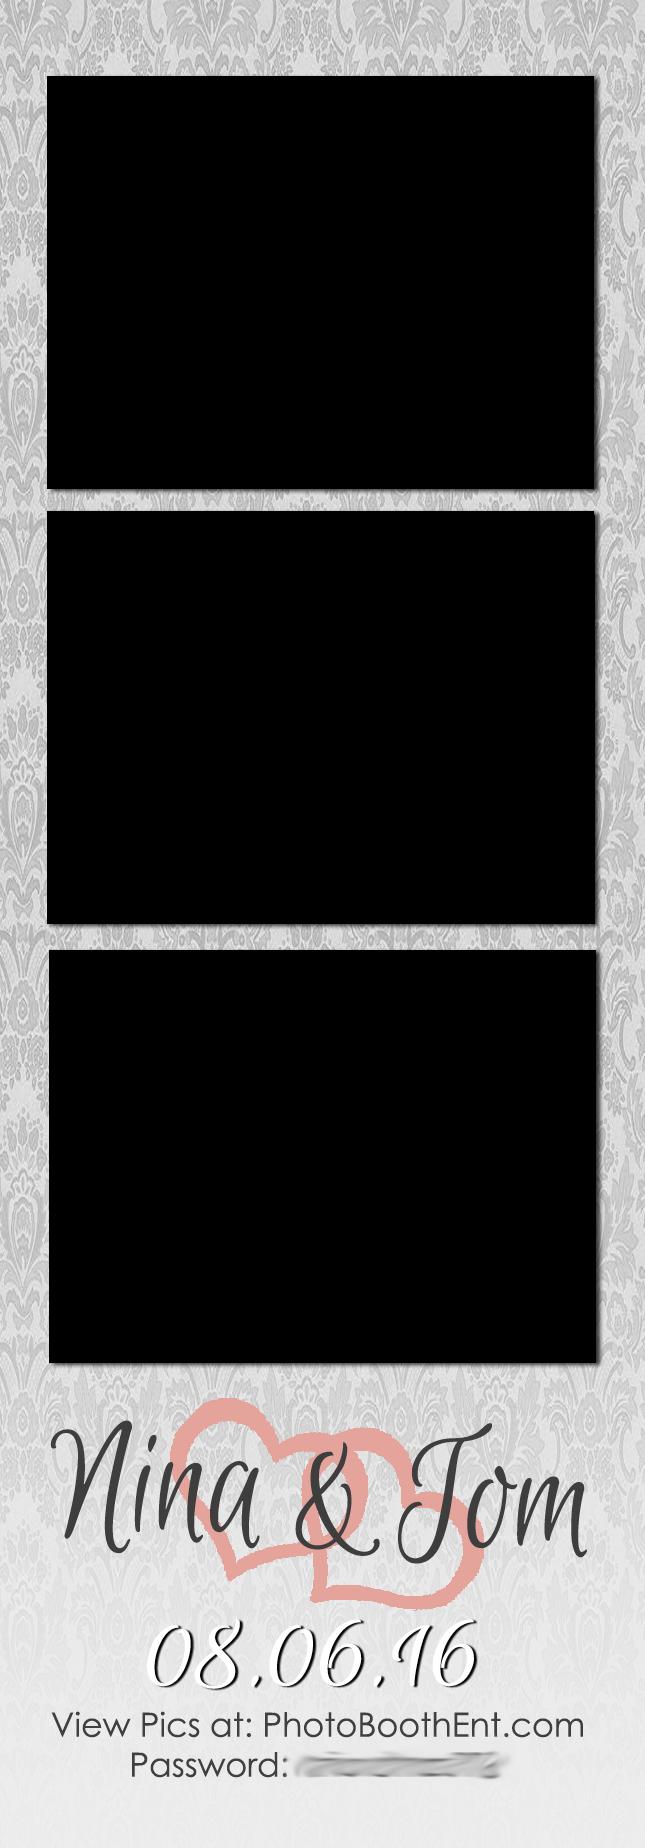 NinaTom2016-copy.png